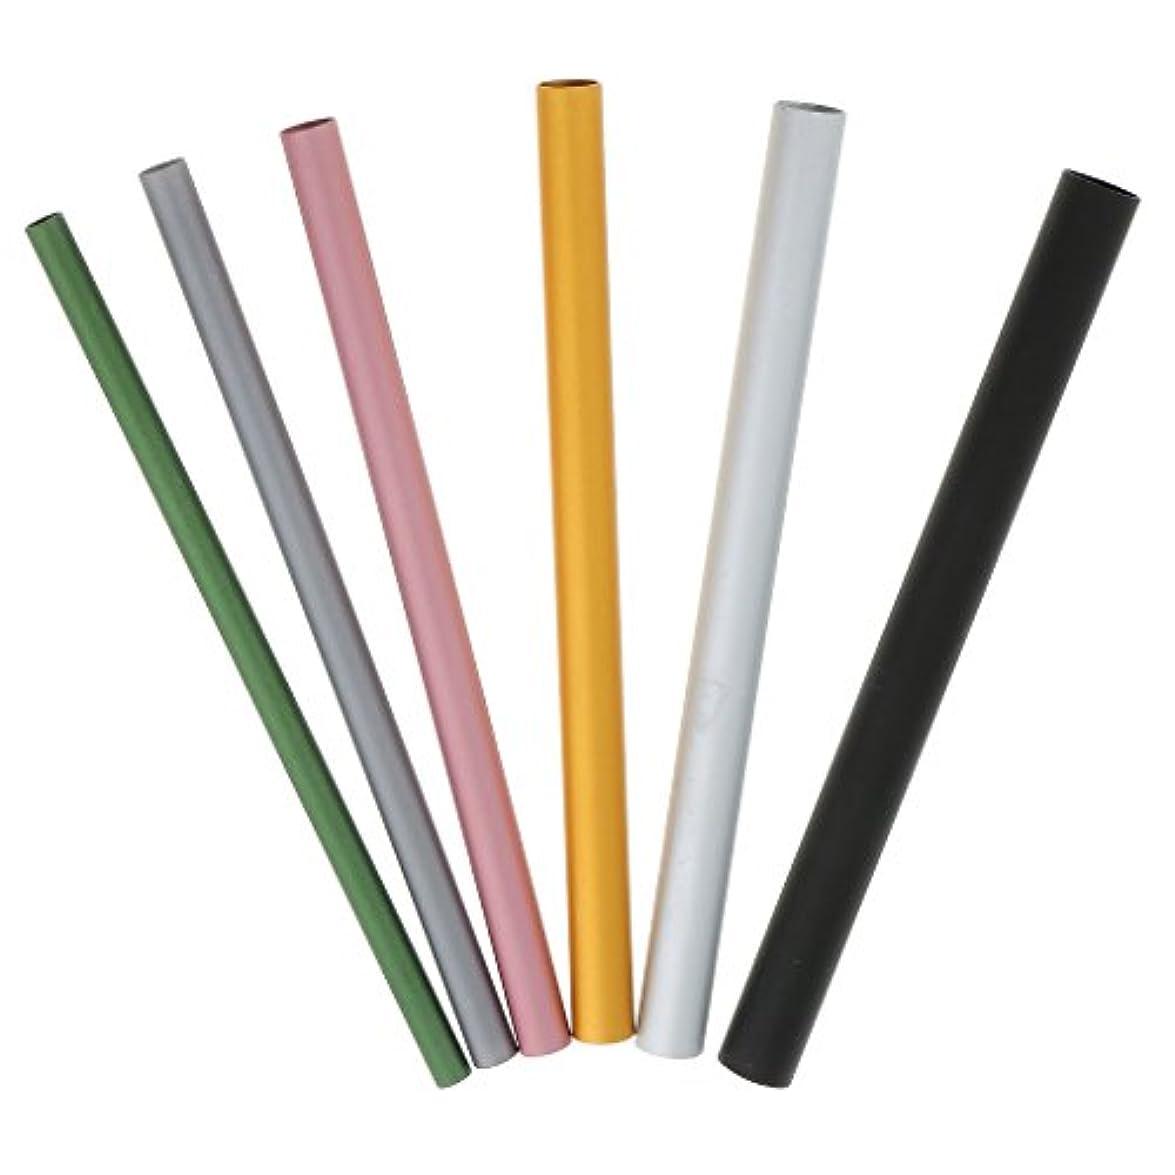 ベーシック領事館クロールSharplace 6本 ミックスサイズ Cカーブ ネイルアート アルミ棒 ネイル道具